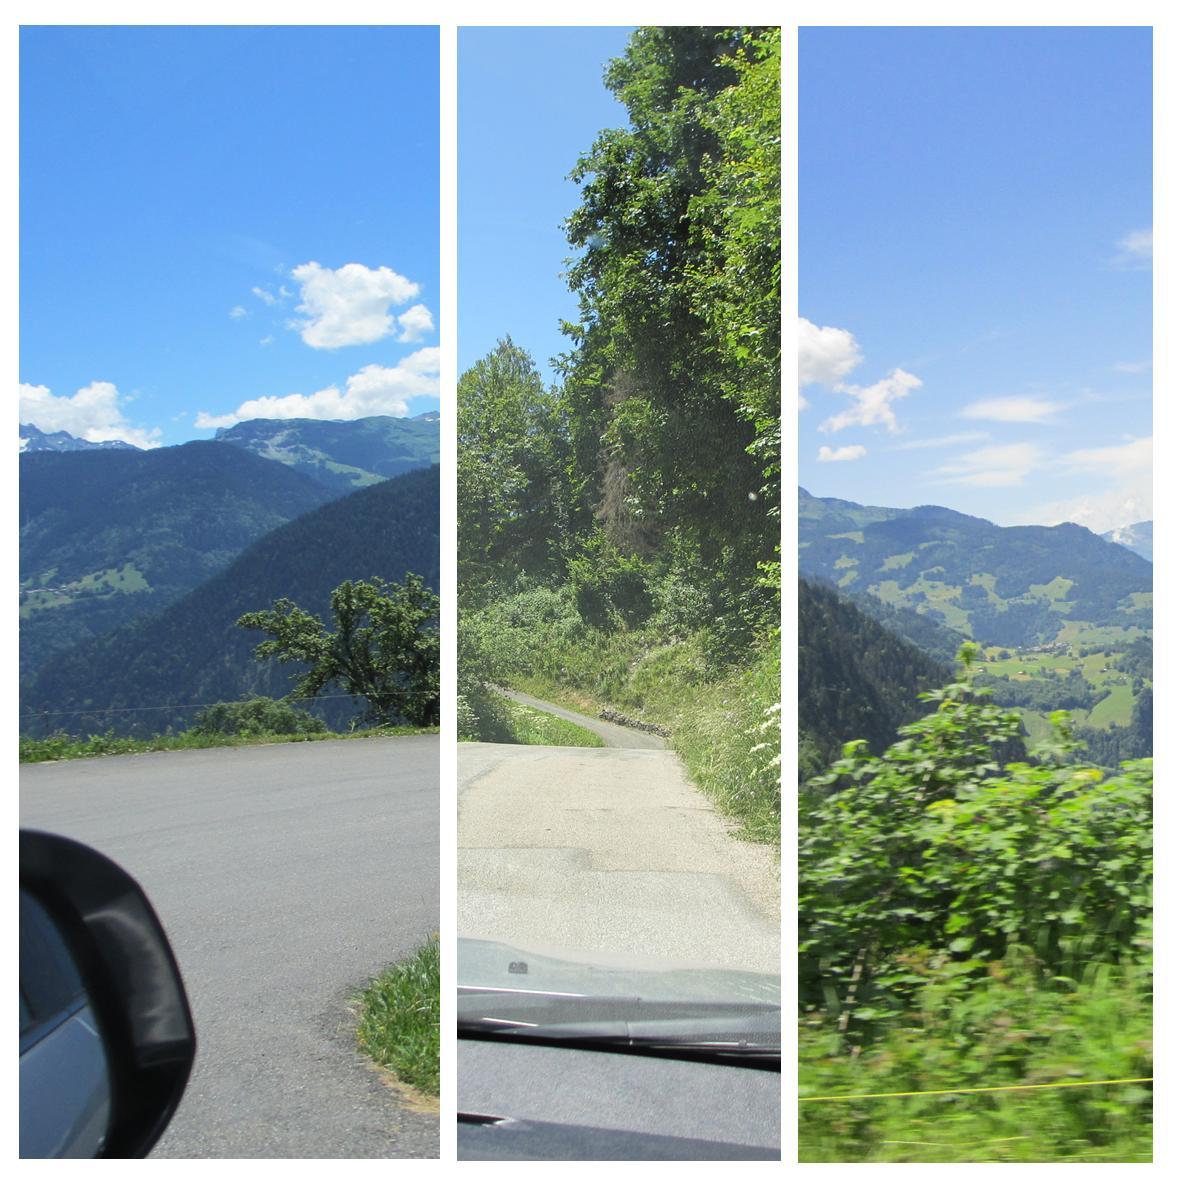 Smale veier på bilferie i de franske alpene